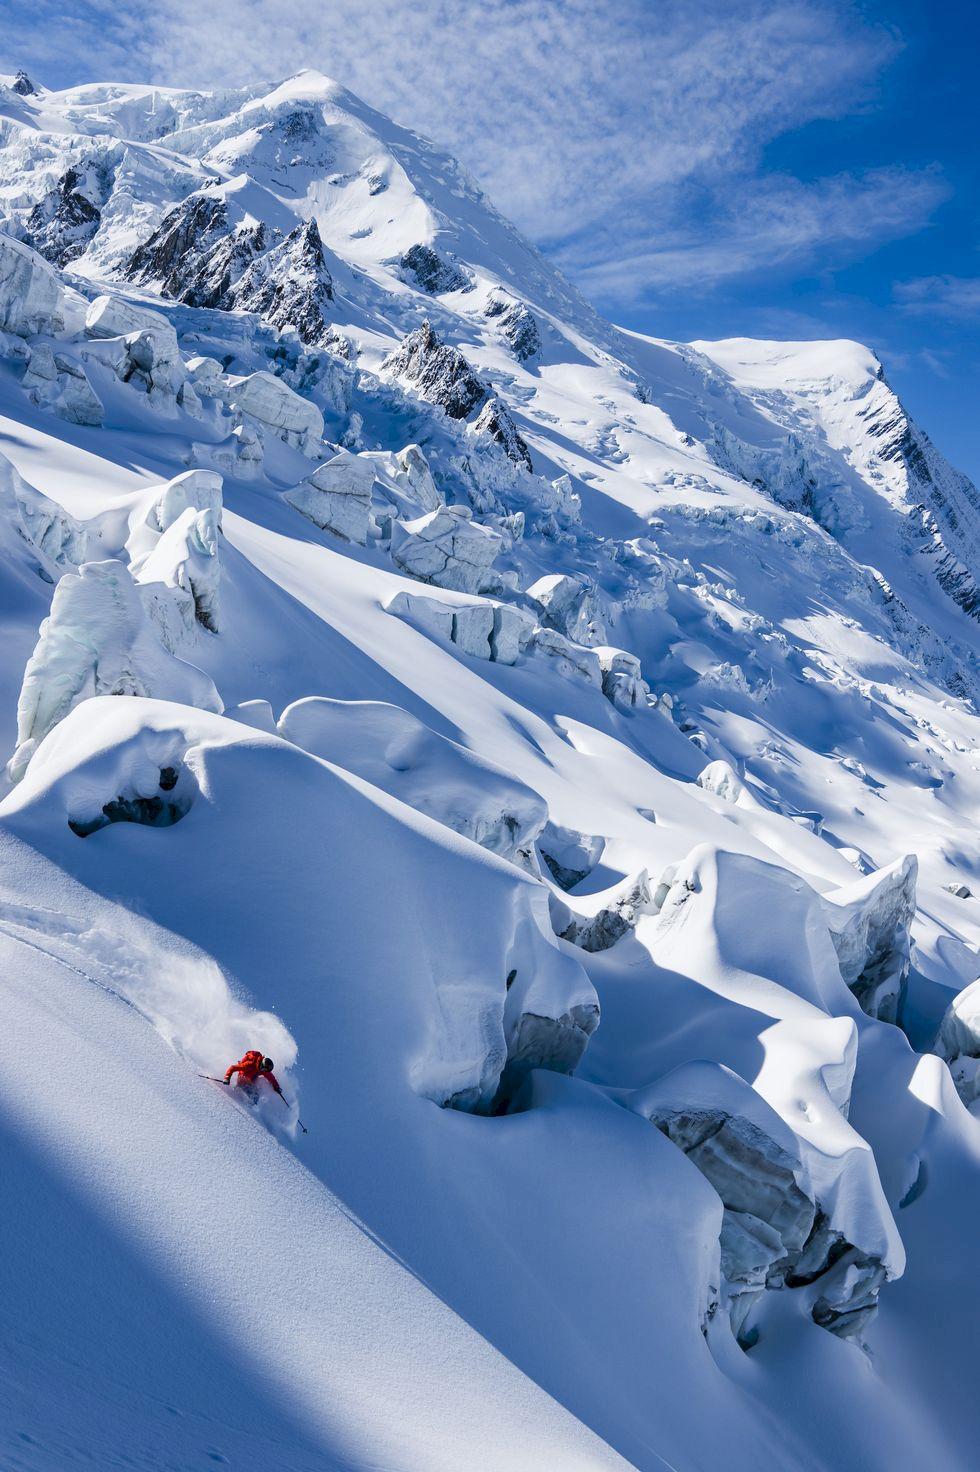 Världens bästa skidåkning: Chamonix